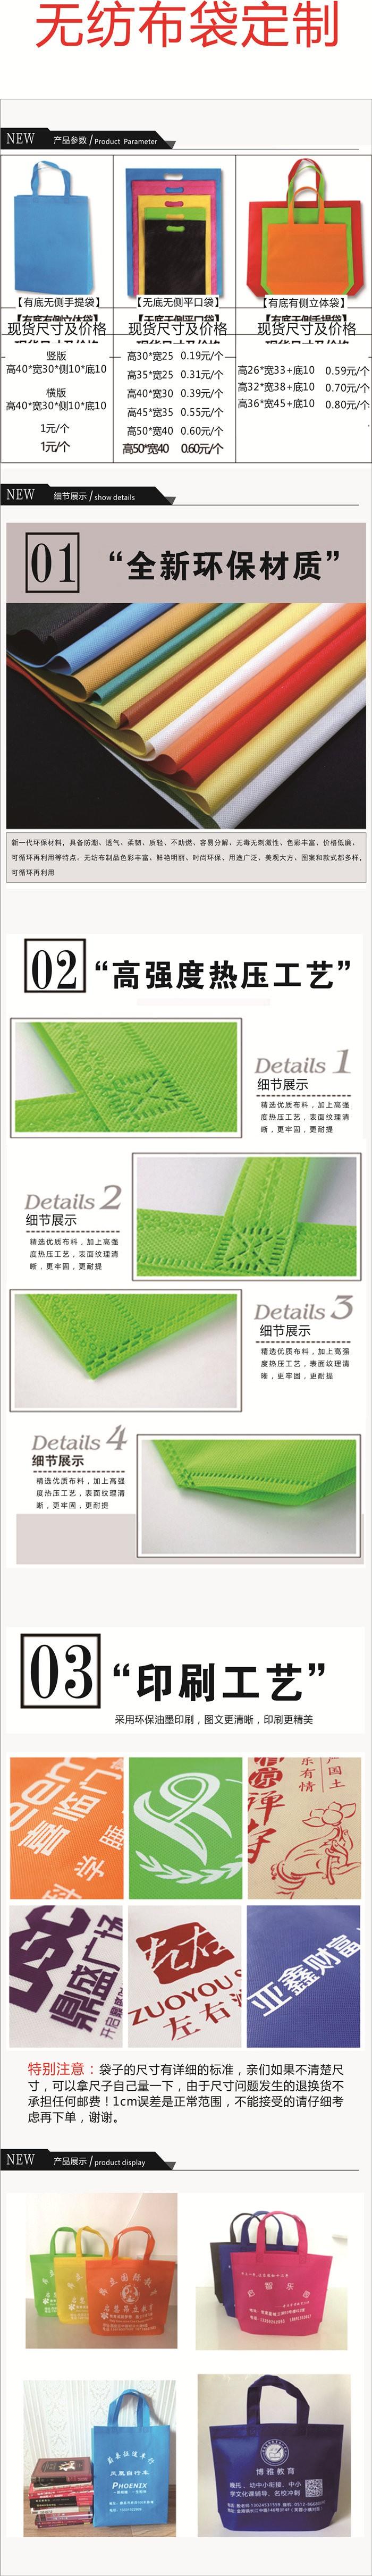 重庆无纺布袋印刷定制